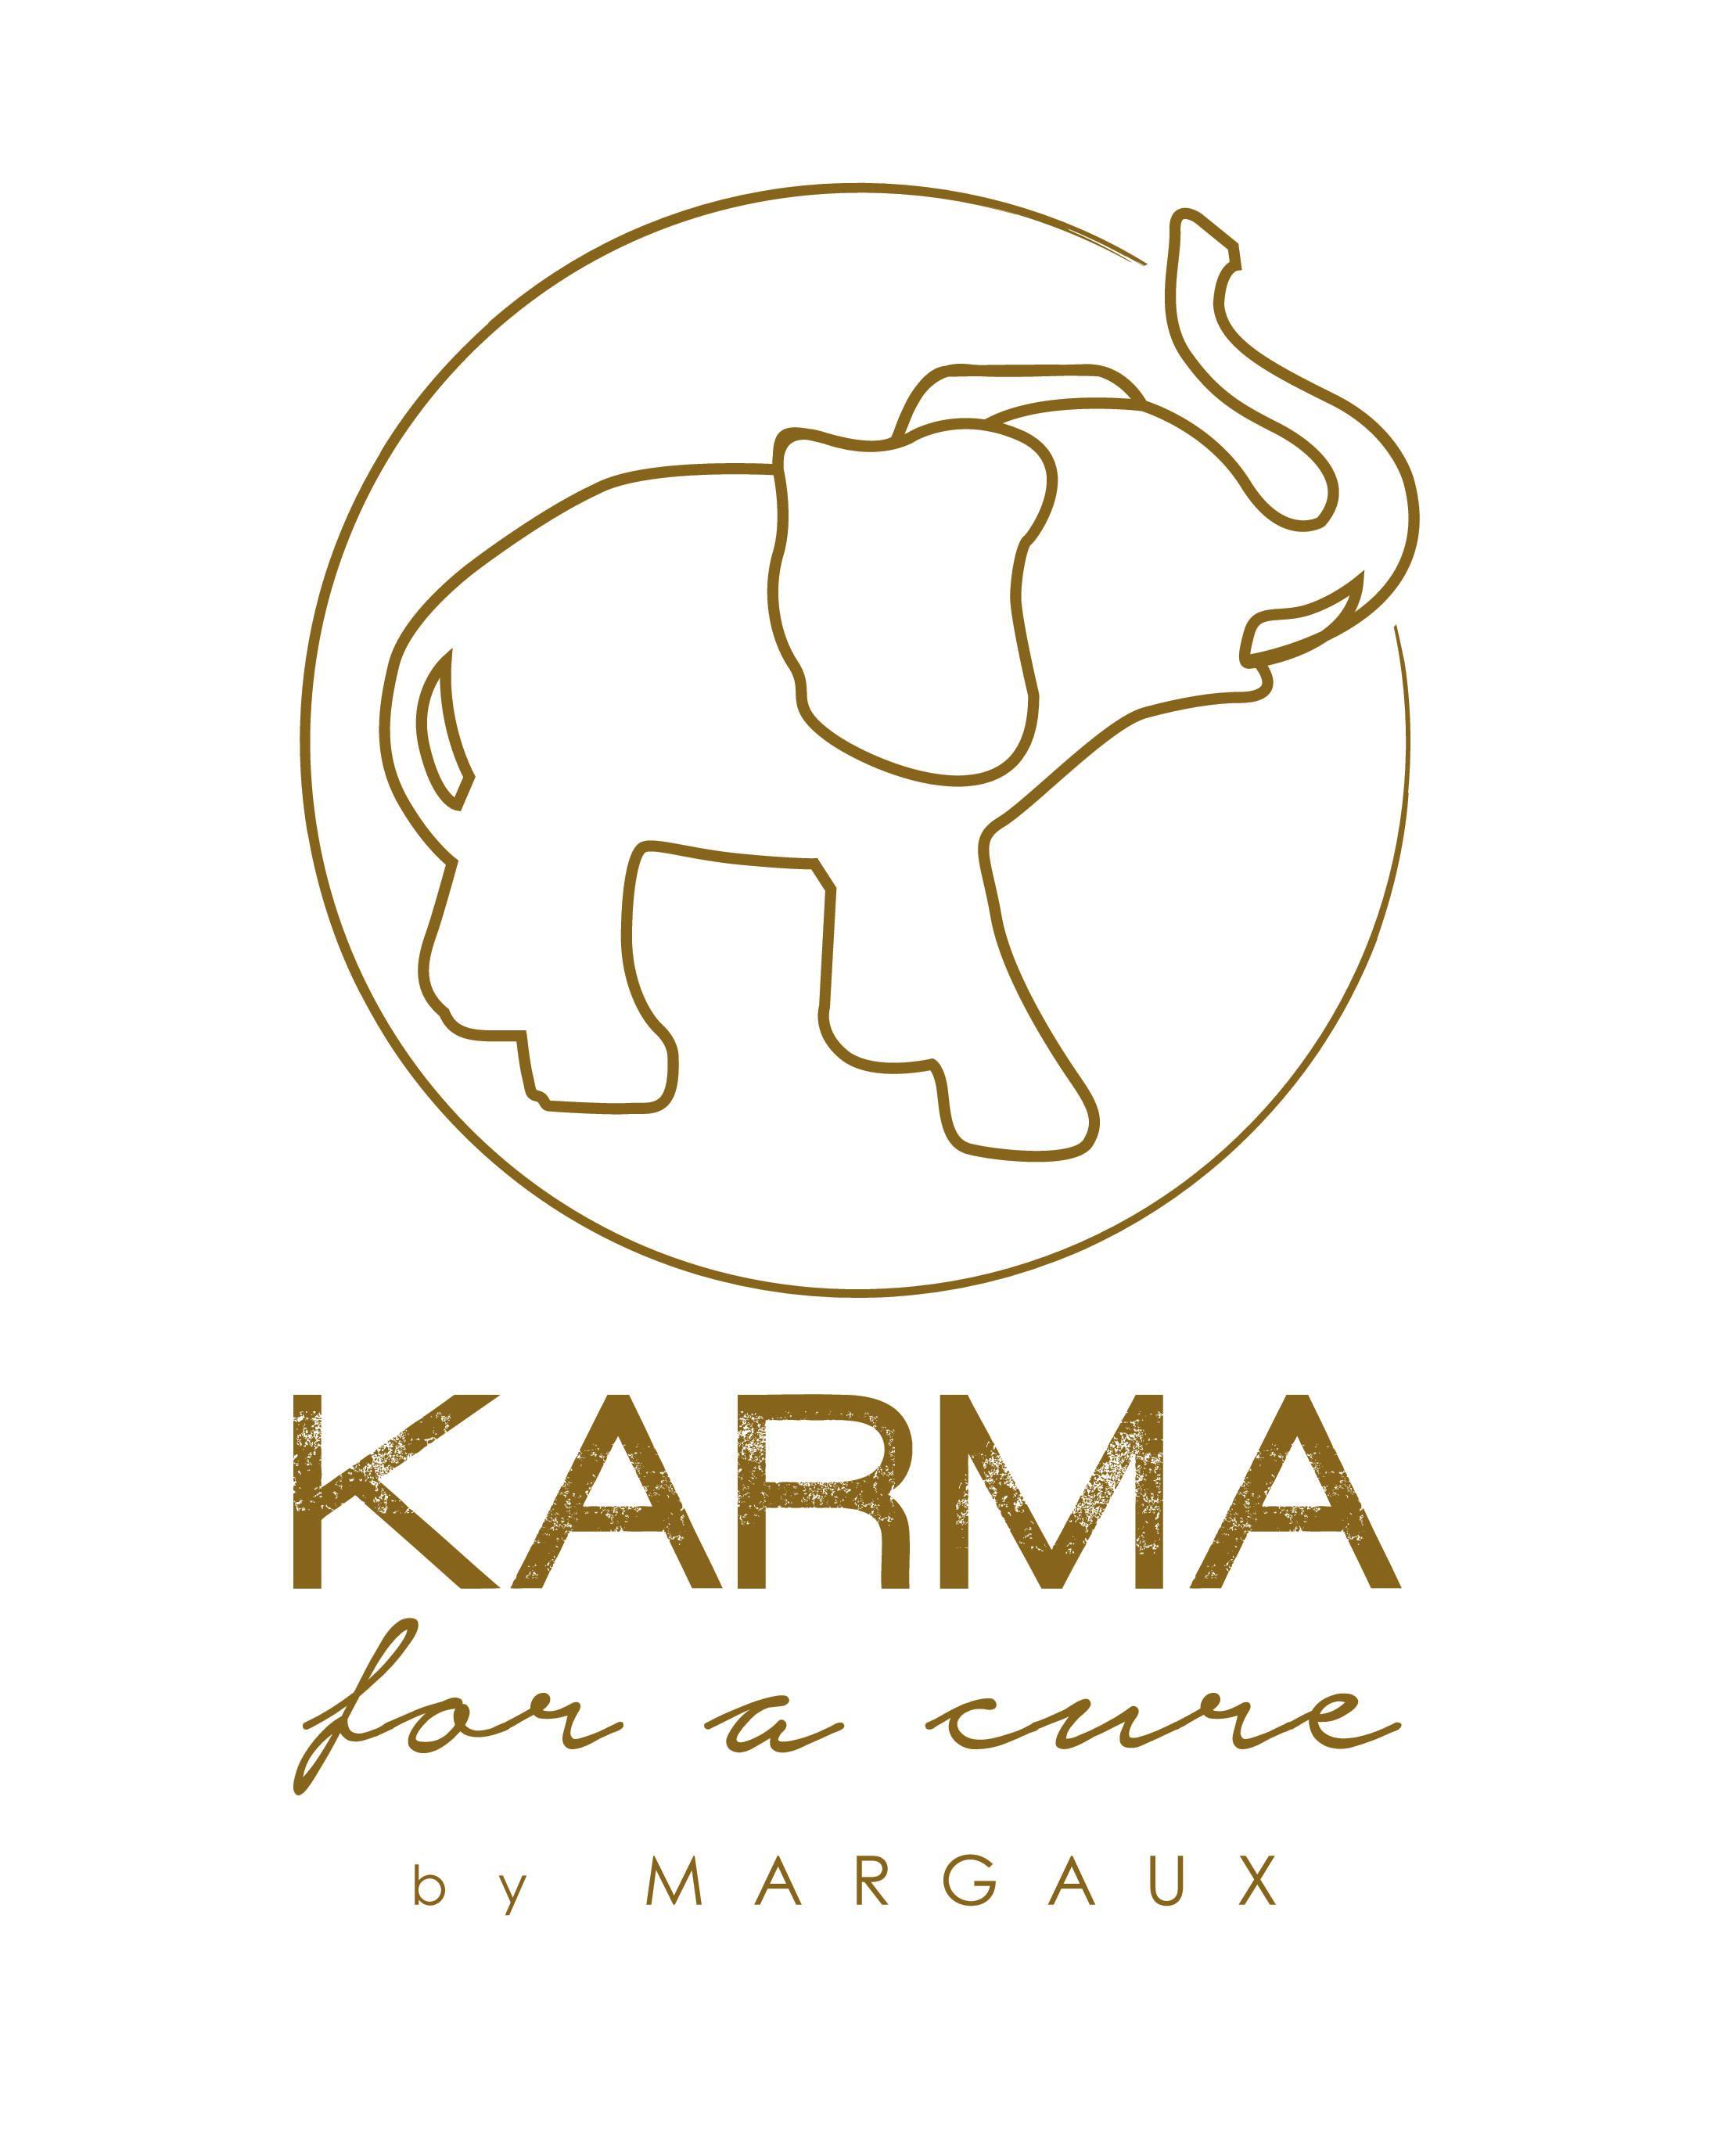 karma_new_logo2.jpg